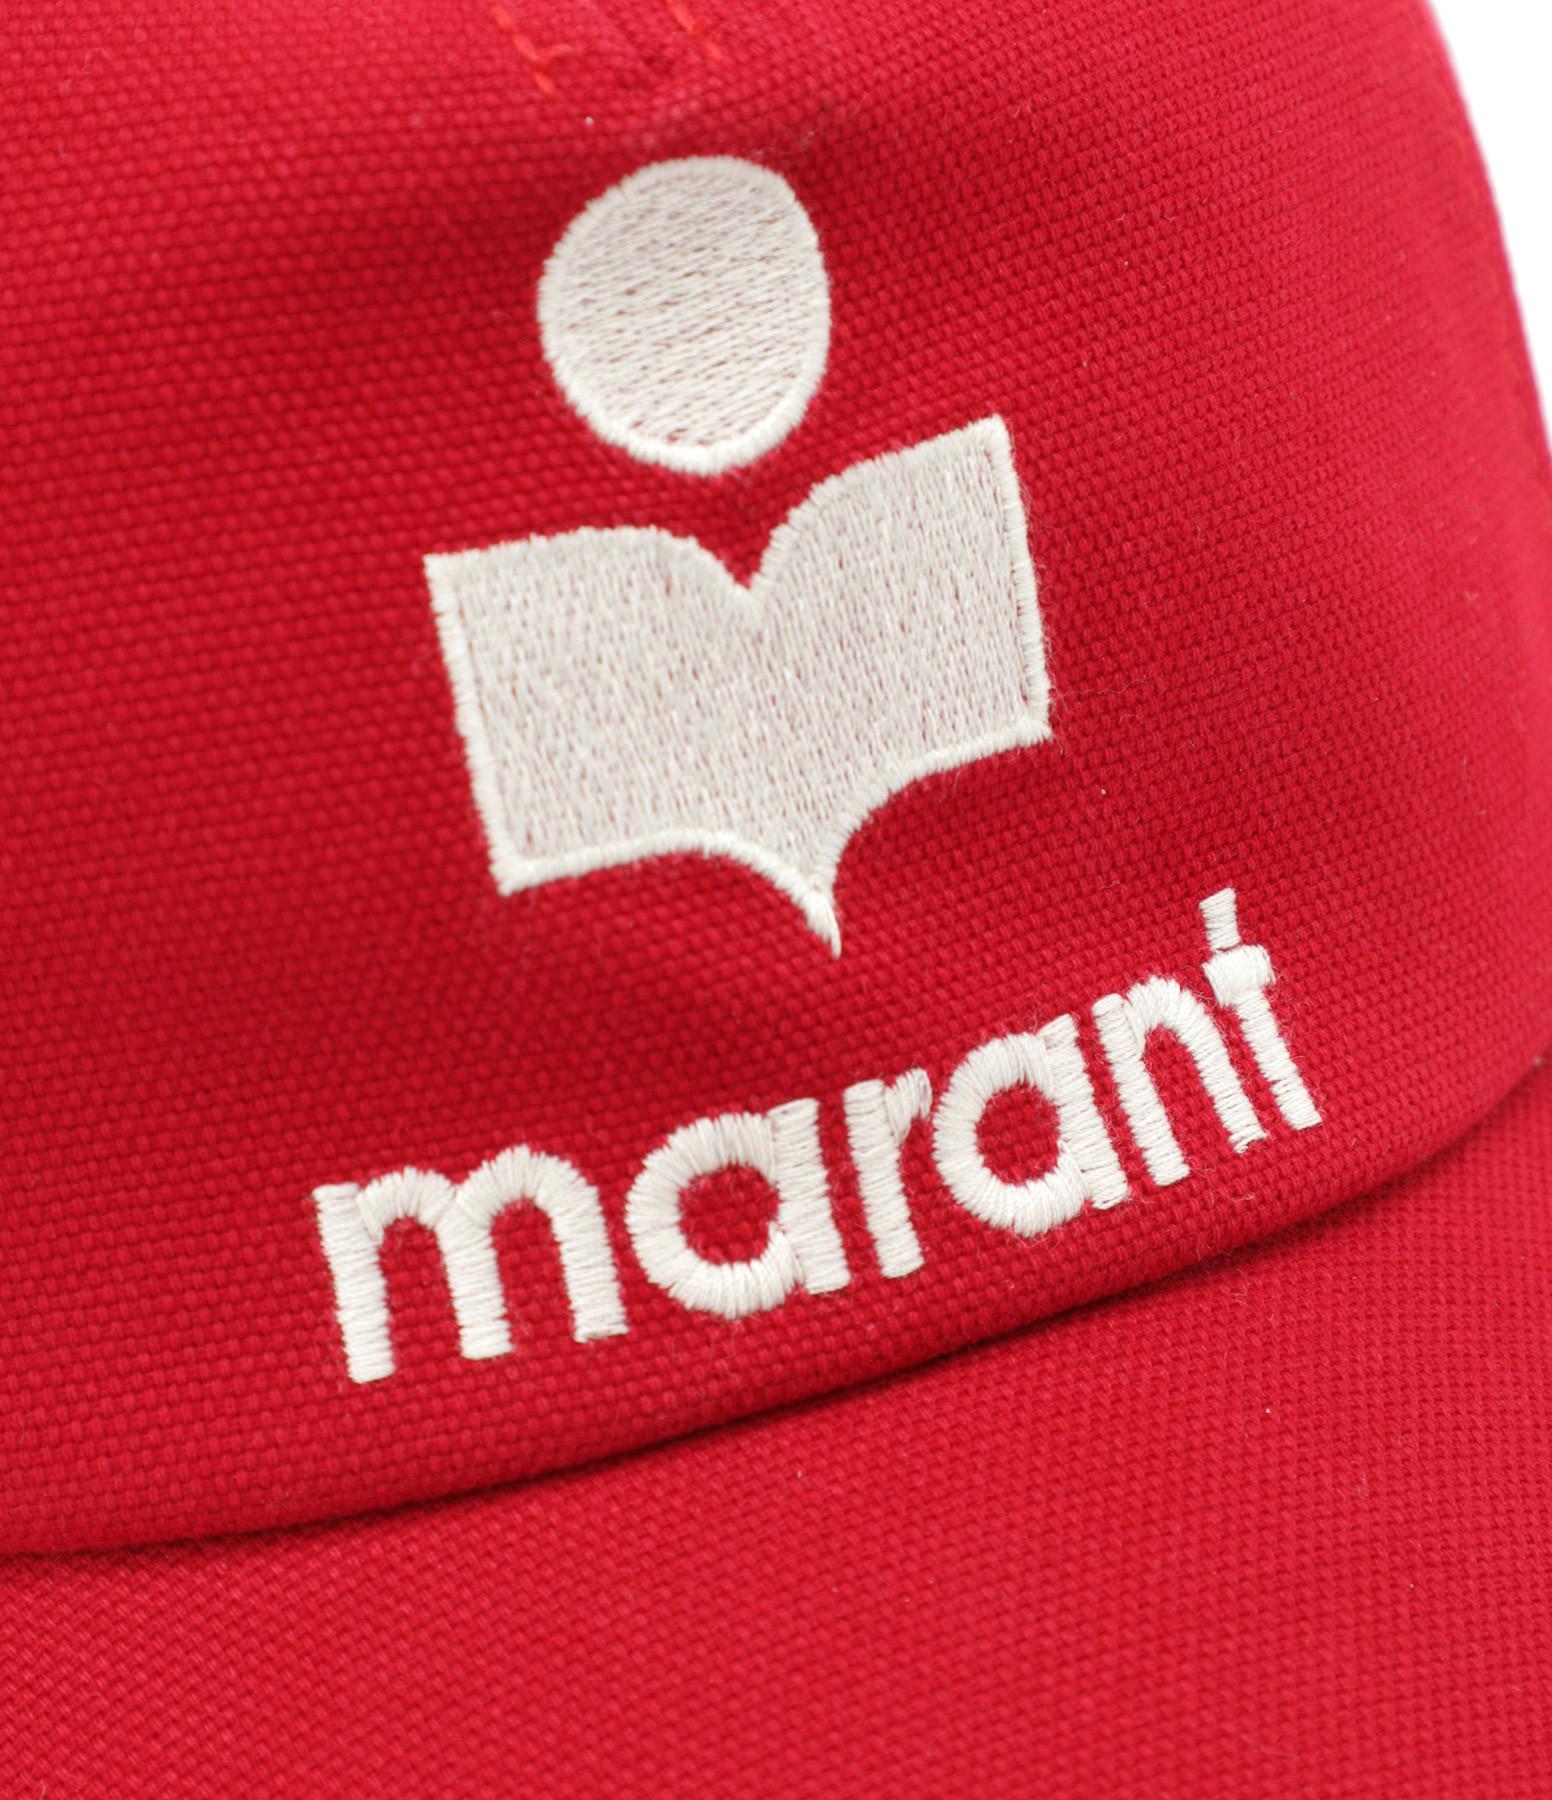 ISABEL MARANT - Casquette Tyron Coton Rouge